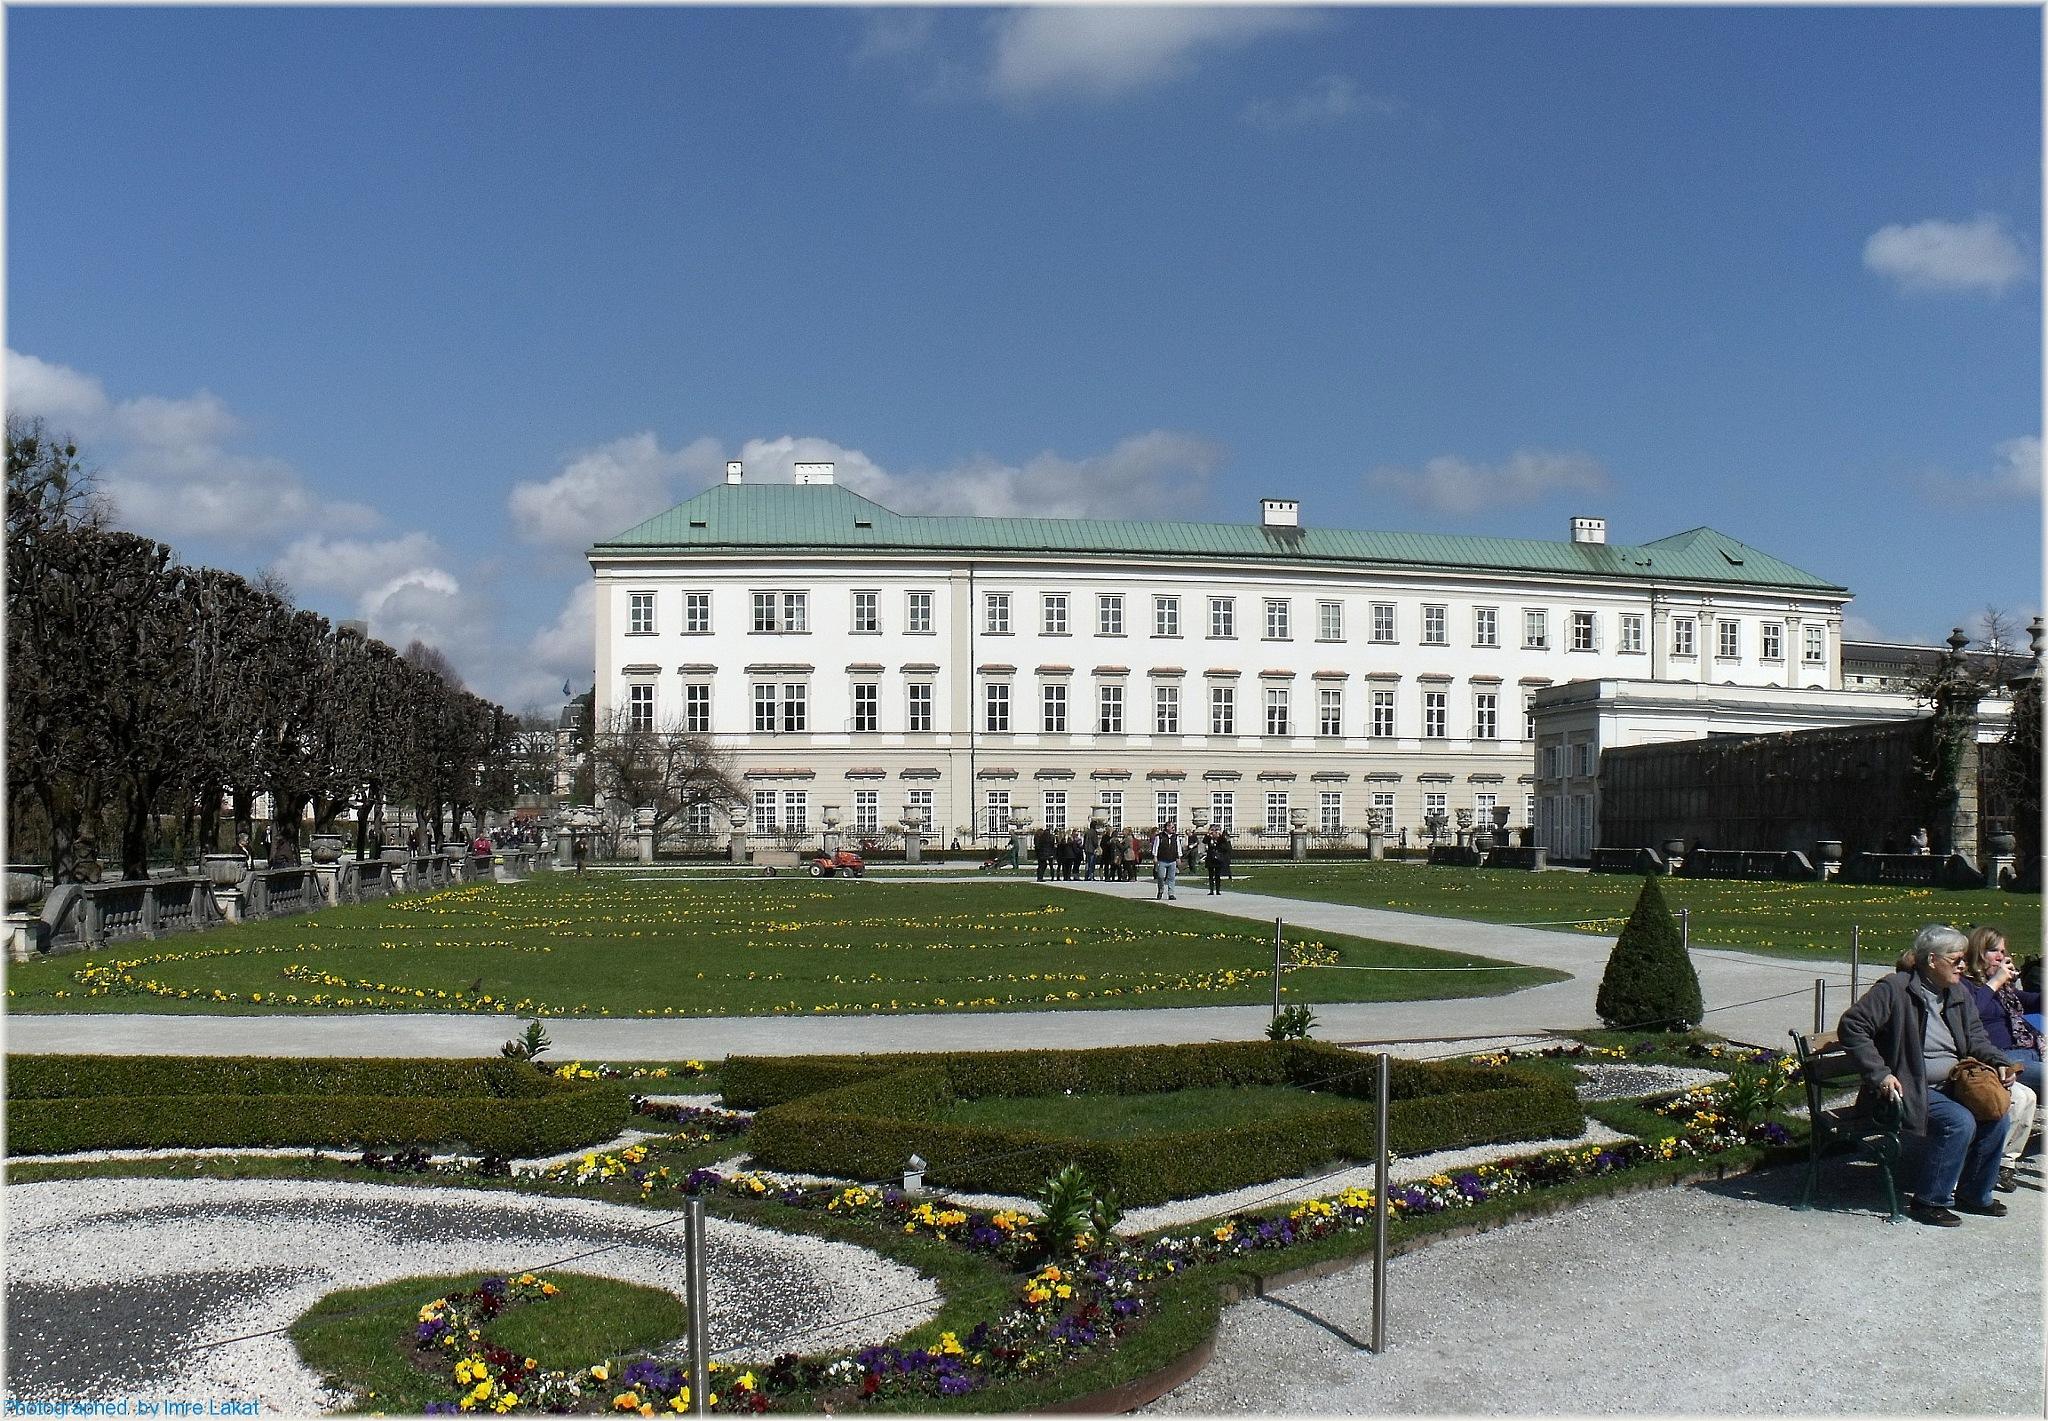 Mirabell Palace , 5020 Salzburg, Ausztria  by Imre Lakat